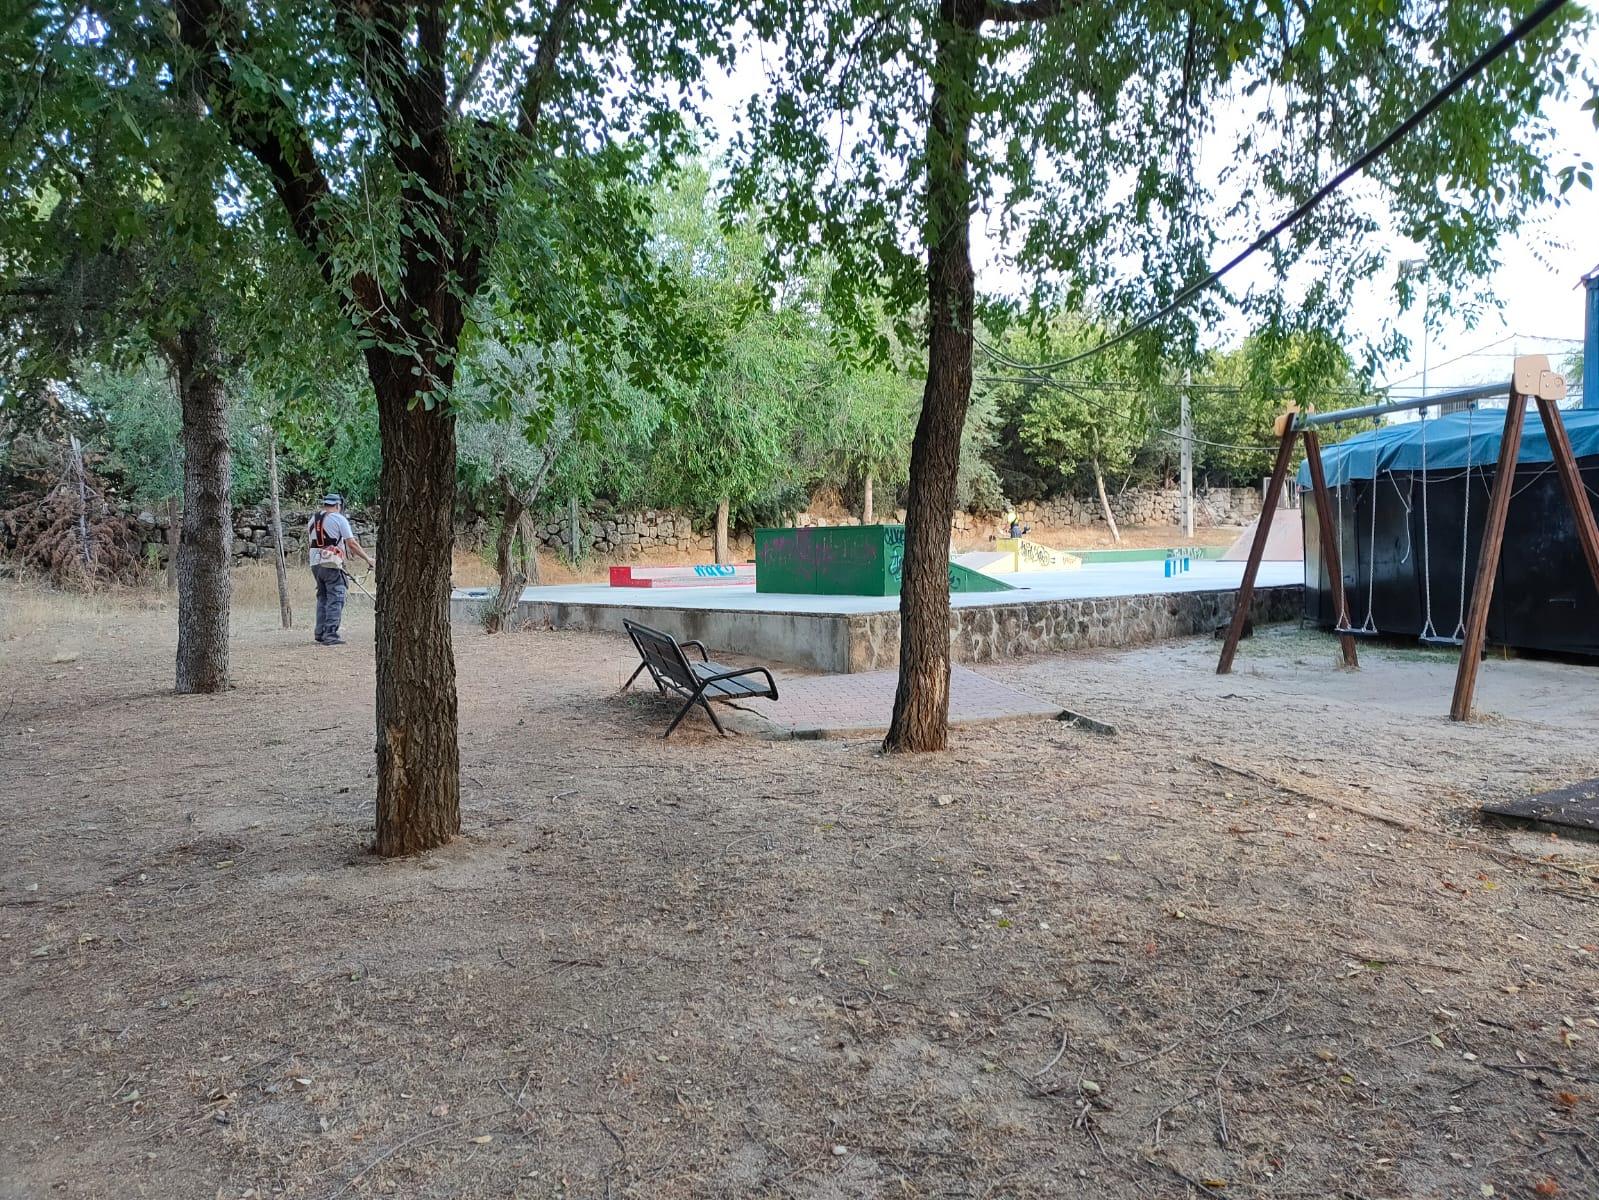 Avanza a buen ritmo el amplio operativo con el que la concejalía de Limpieza y Servicios acomete la completa puesta a punto de todos los parques públicos de Valdemorillo